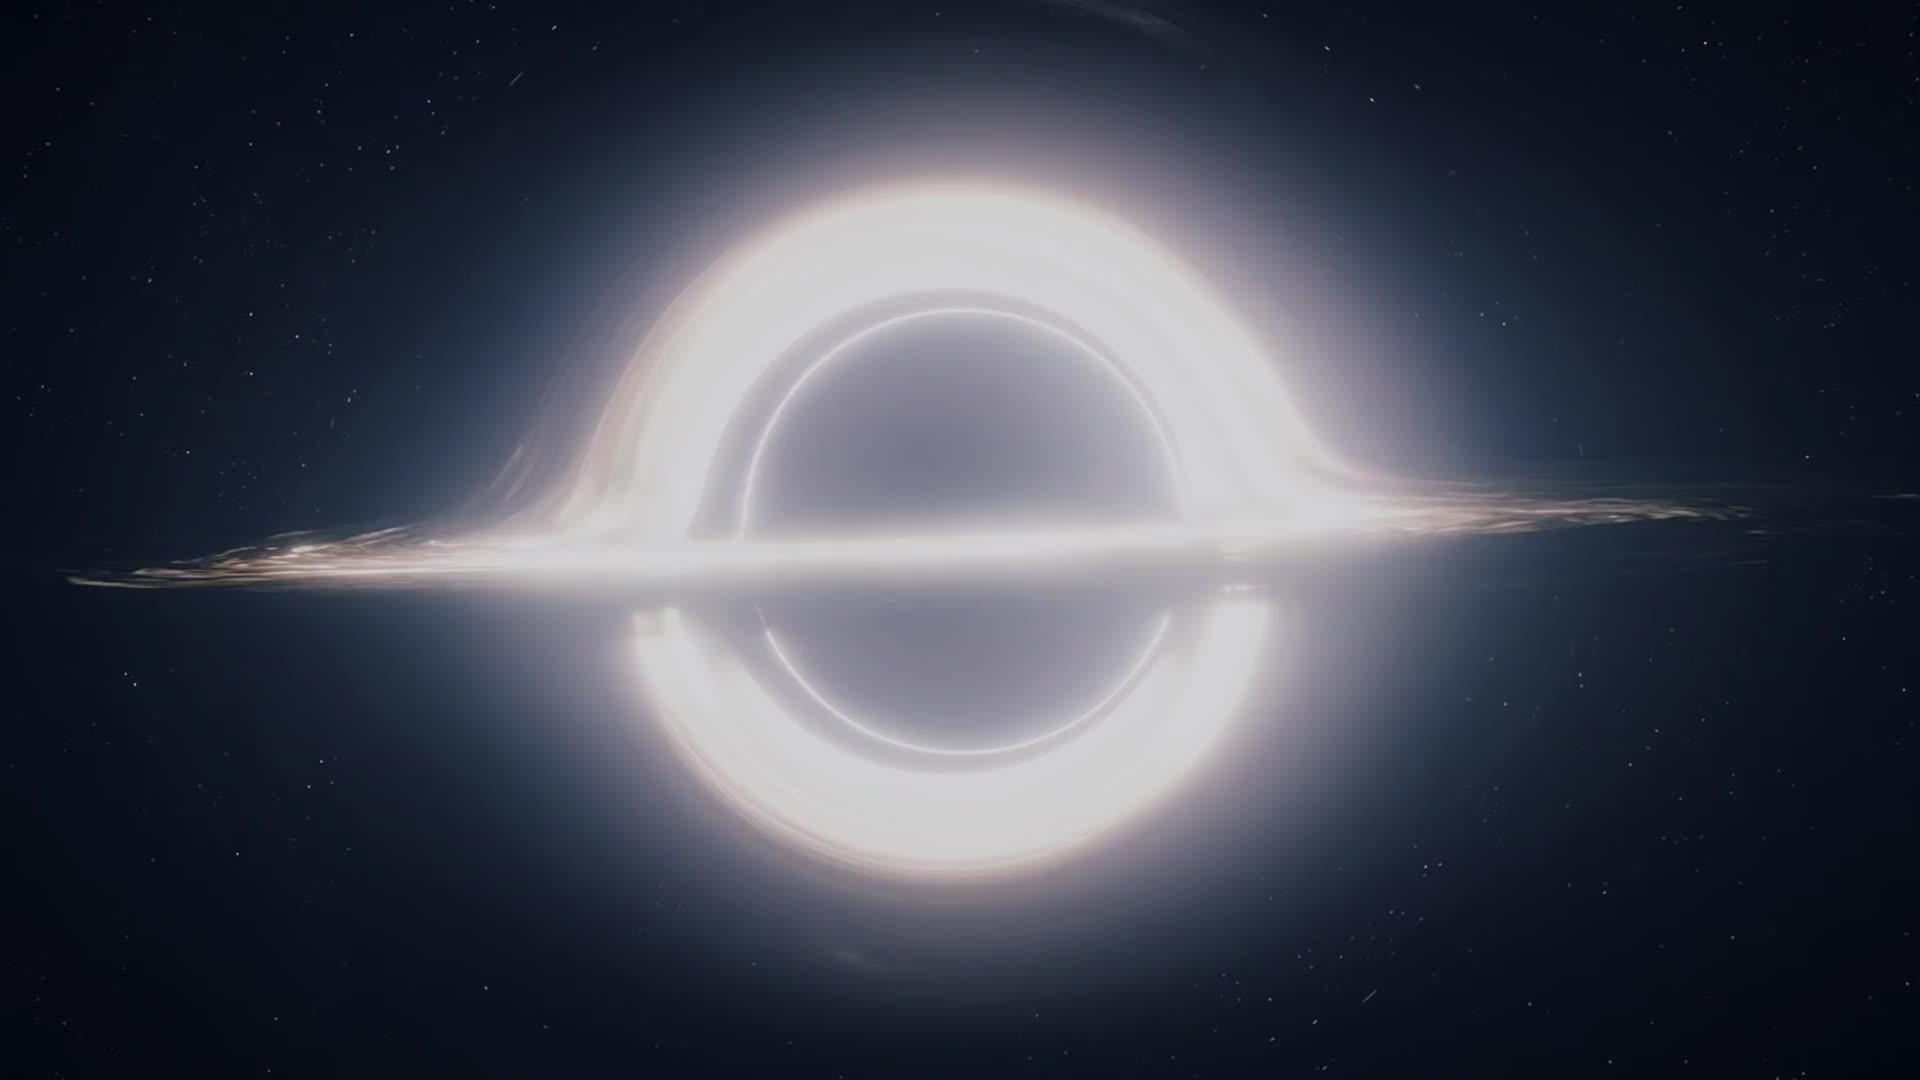 three planets in interstellar - HD1920×1079